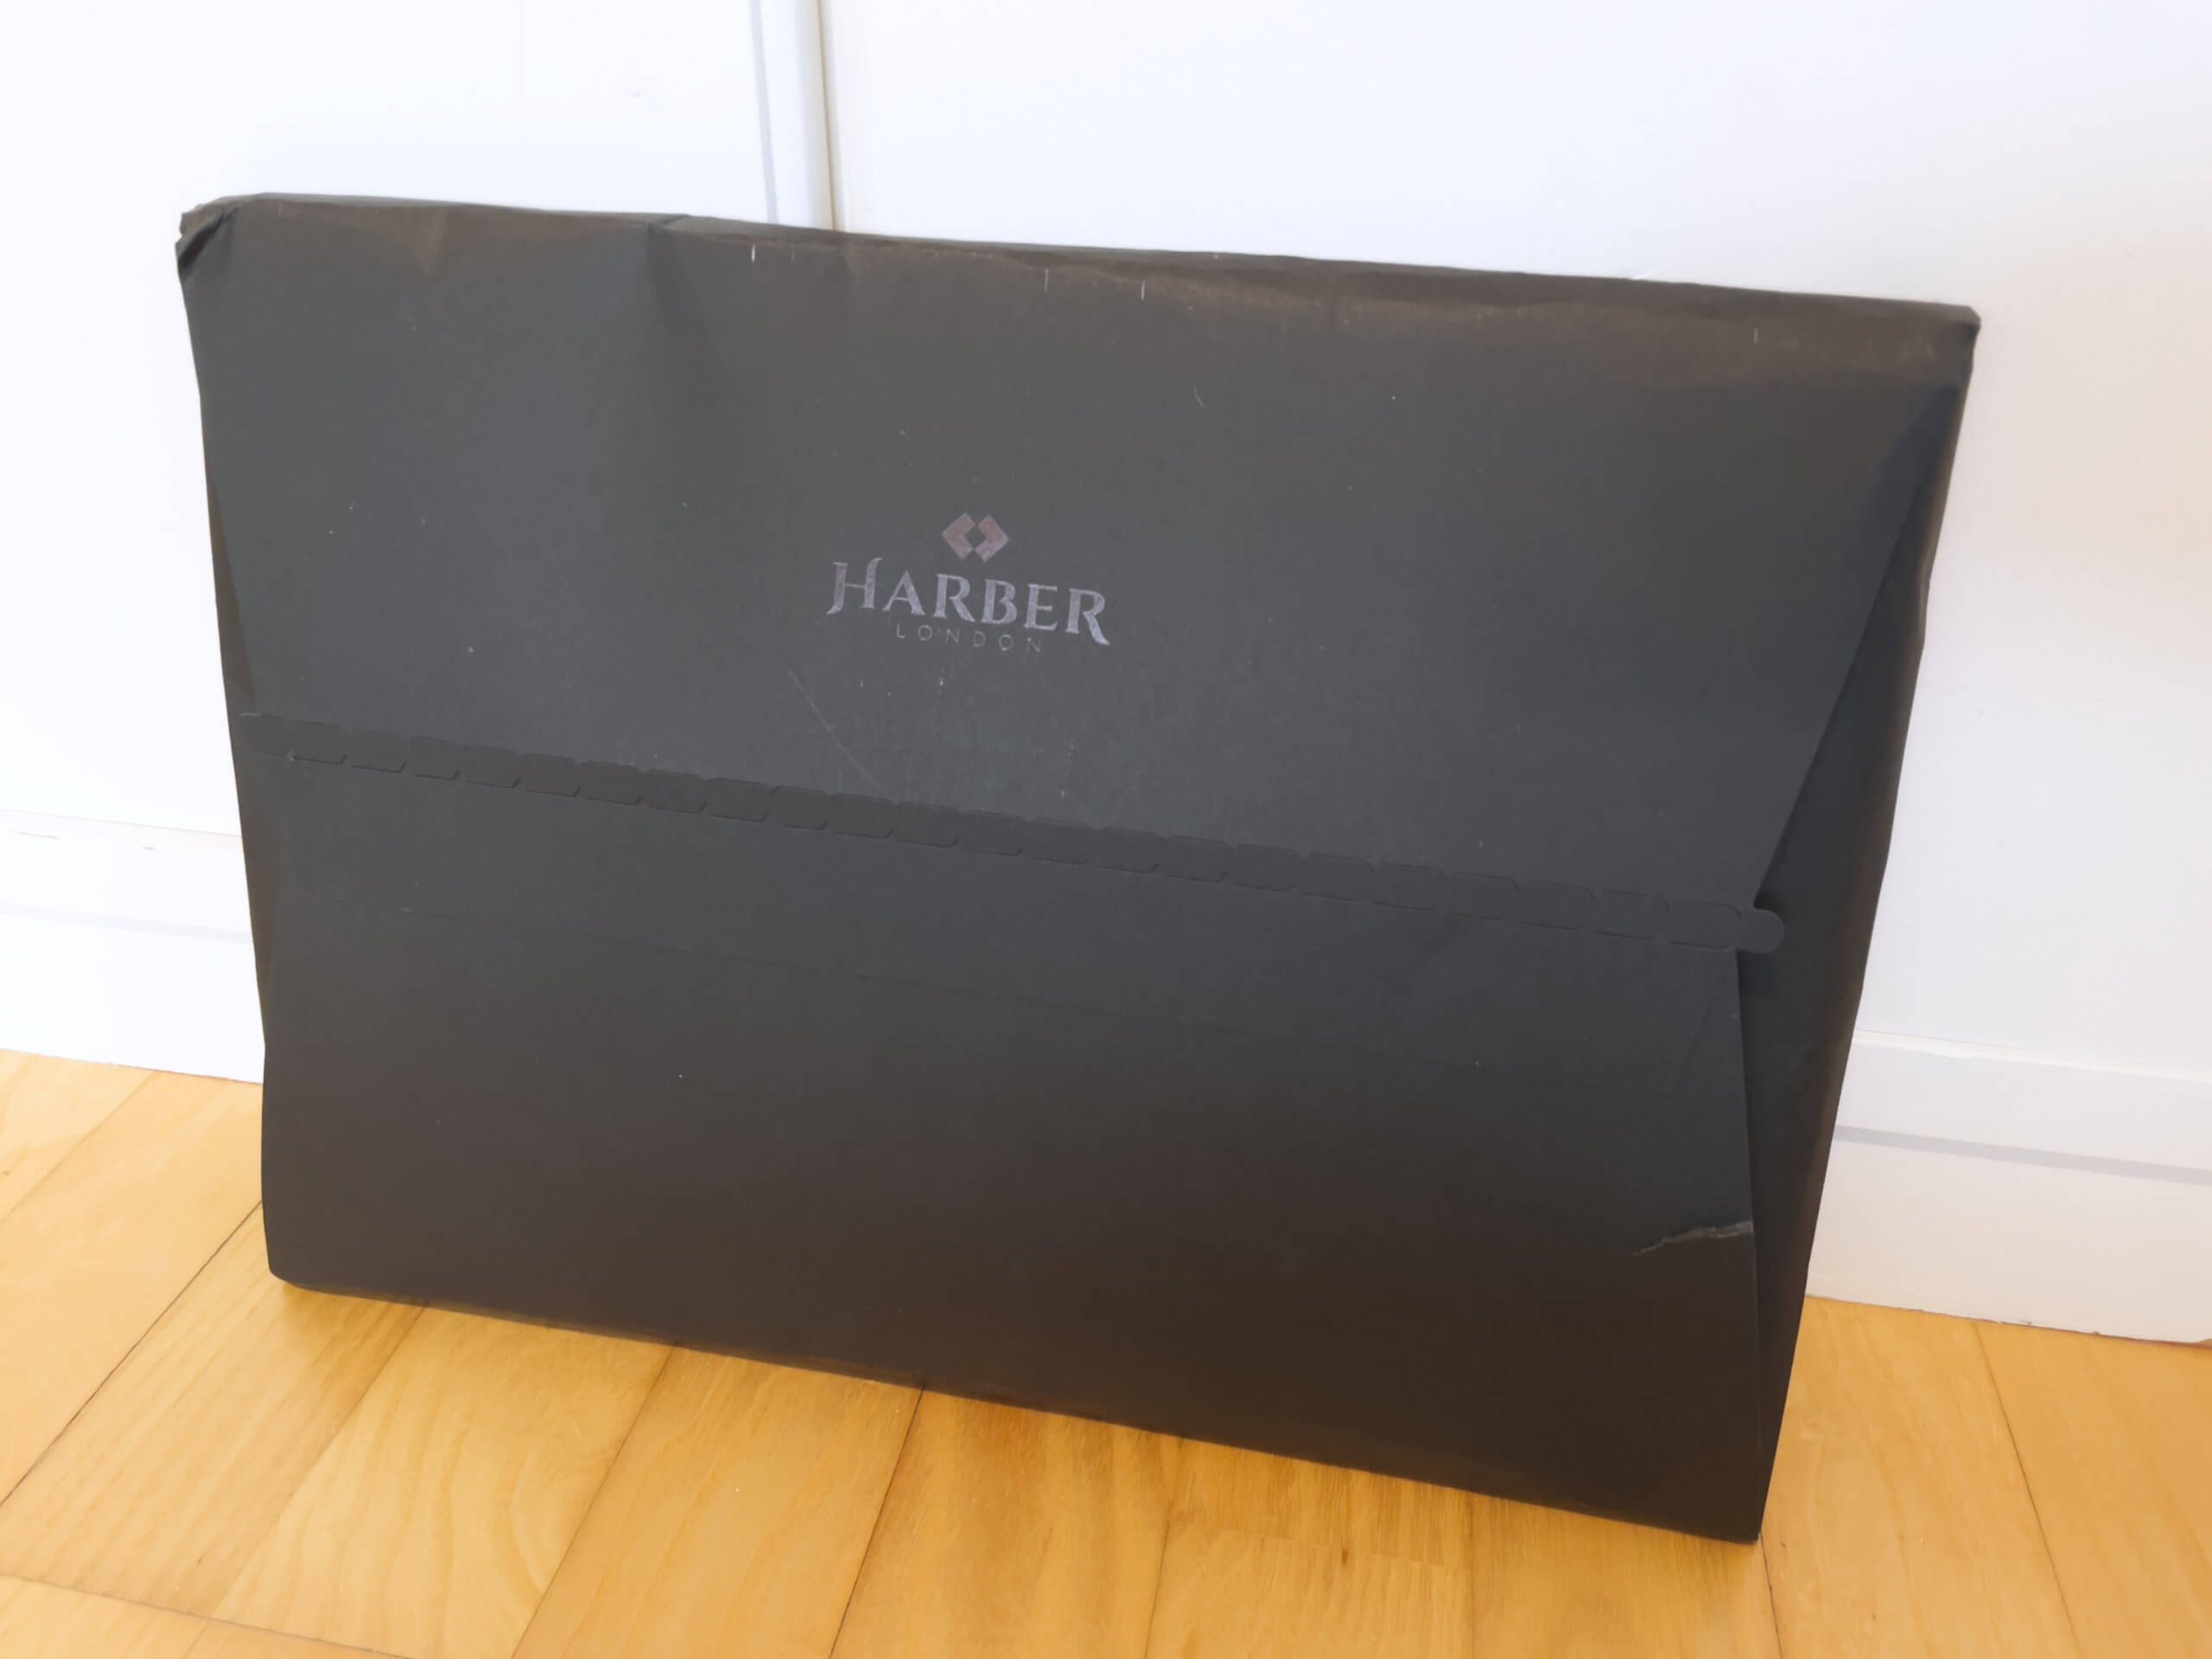 Die individuelle Kartonverpackung von Harber London ist eine nette Idee.